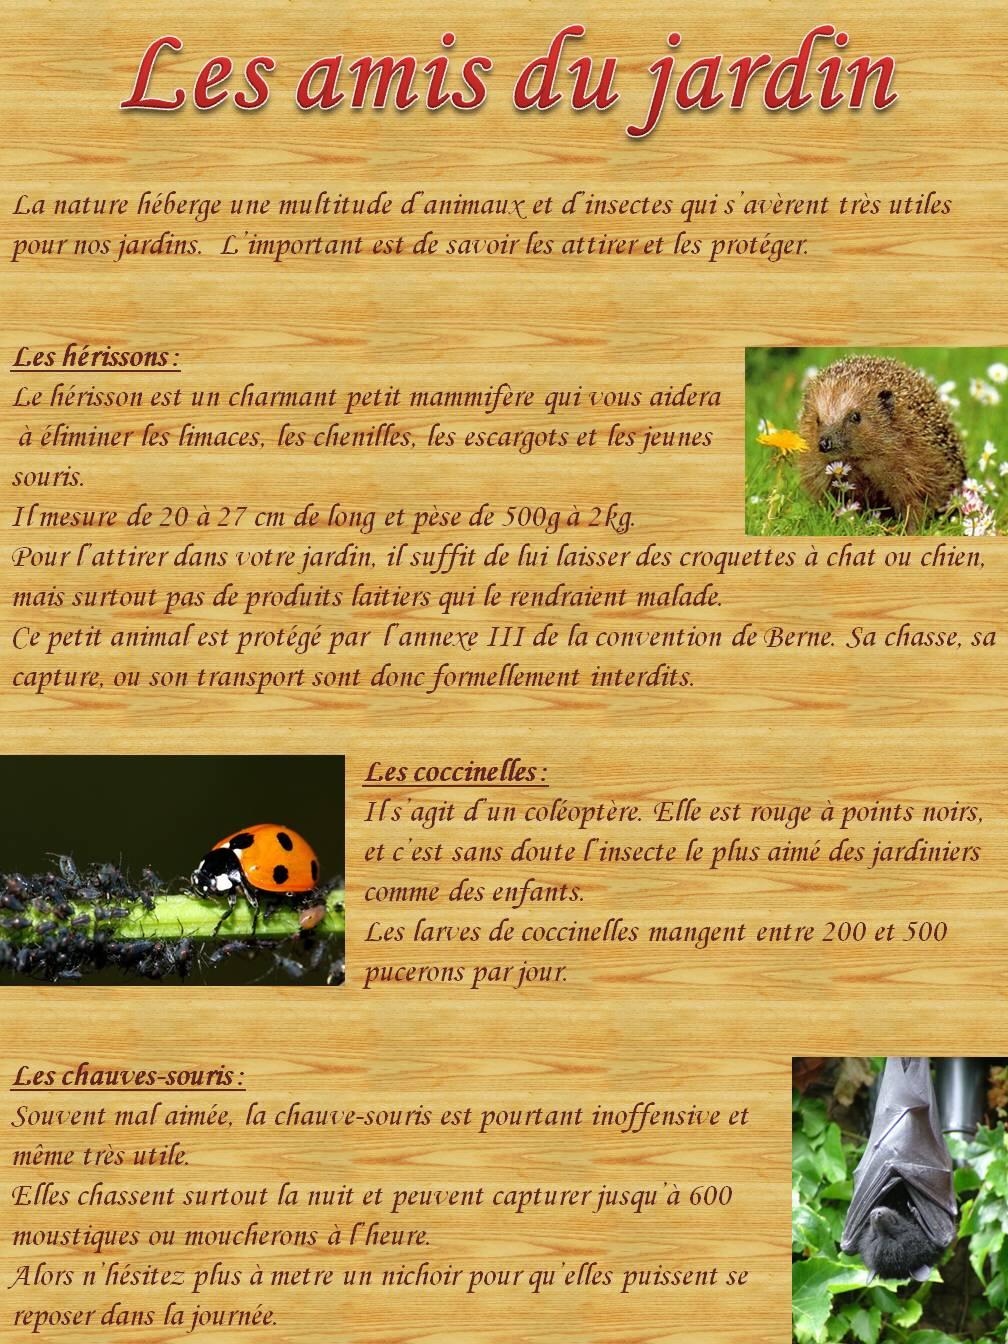 Amis du jardin for Au jardin by les amis